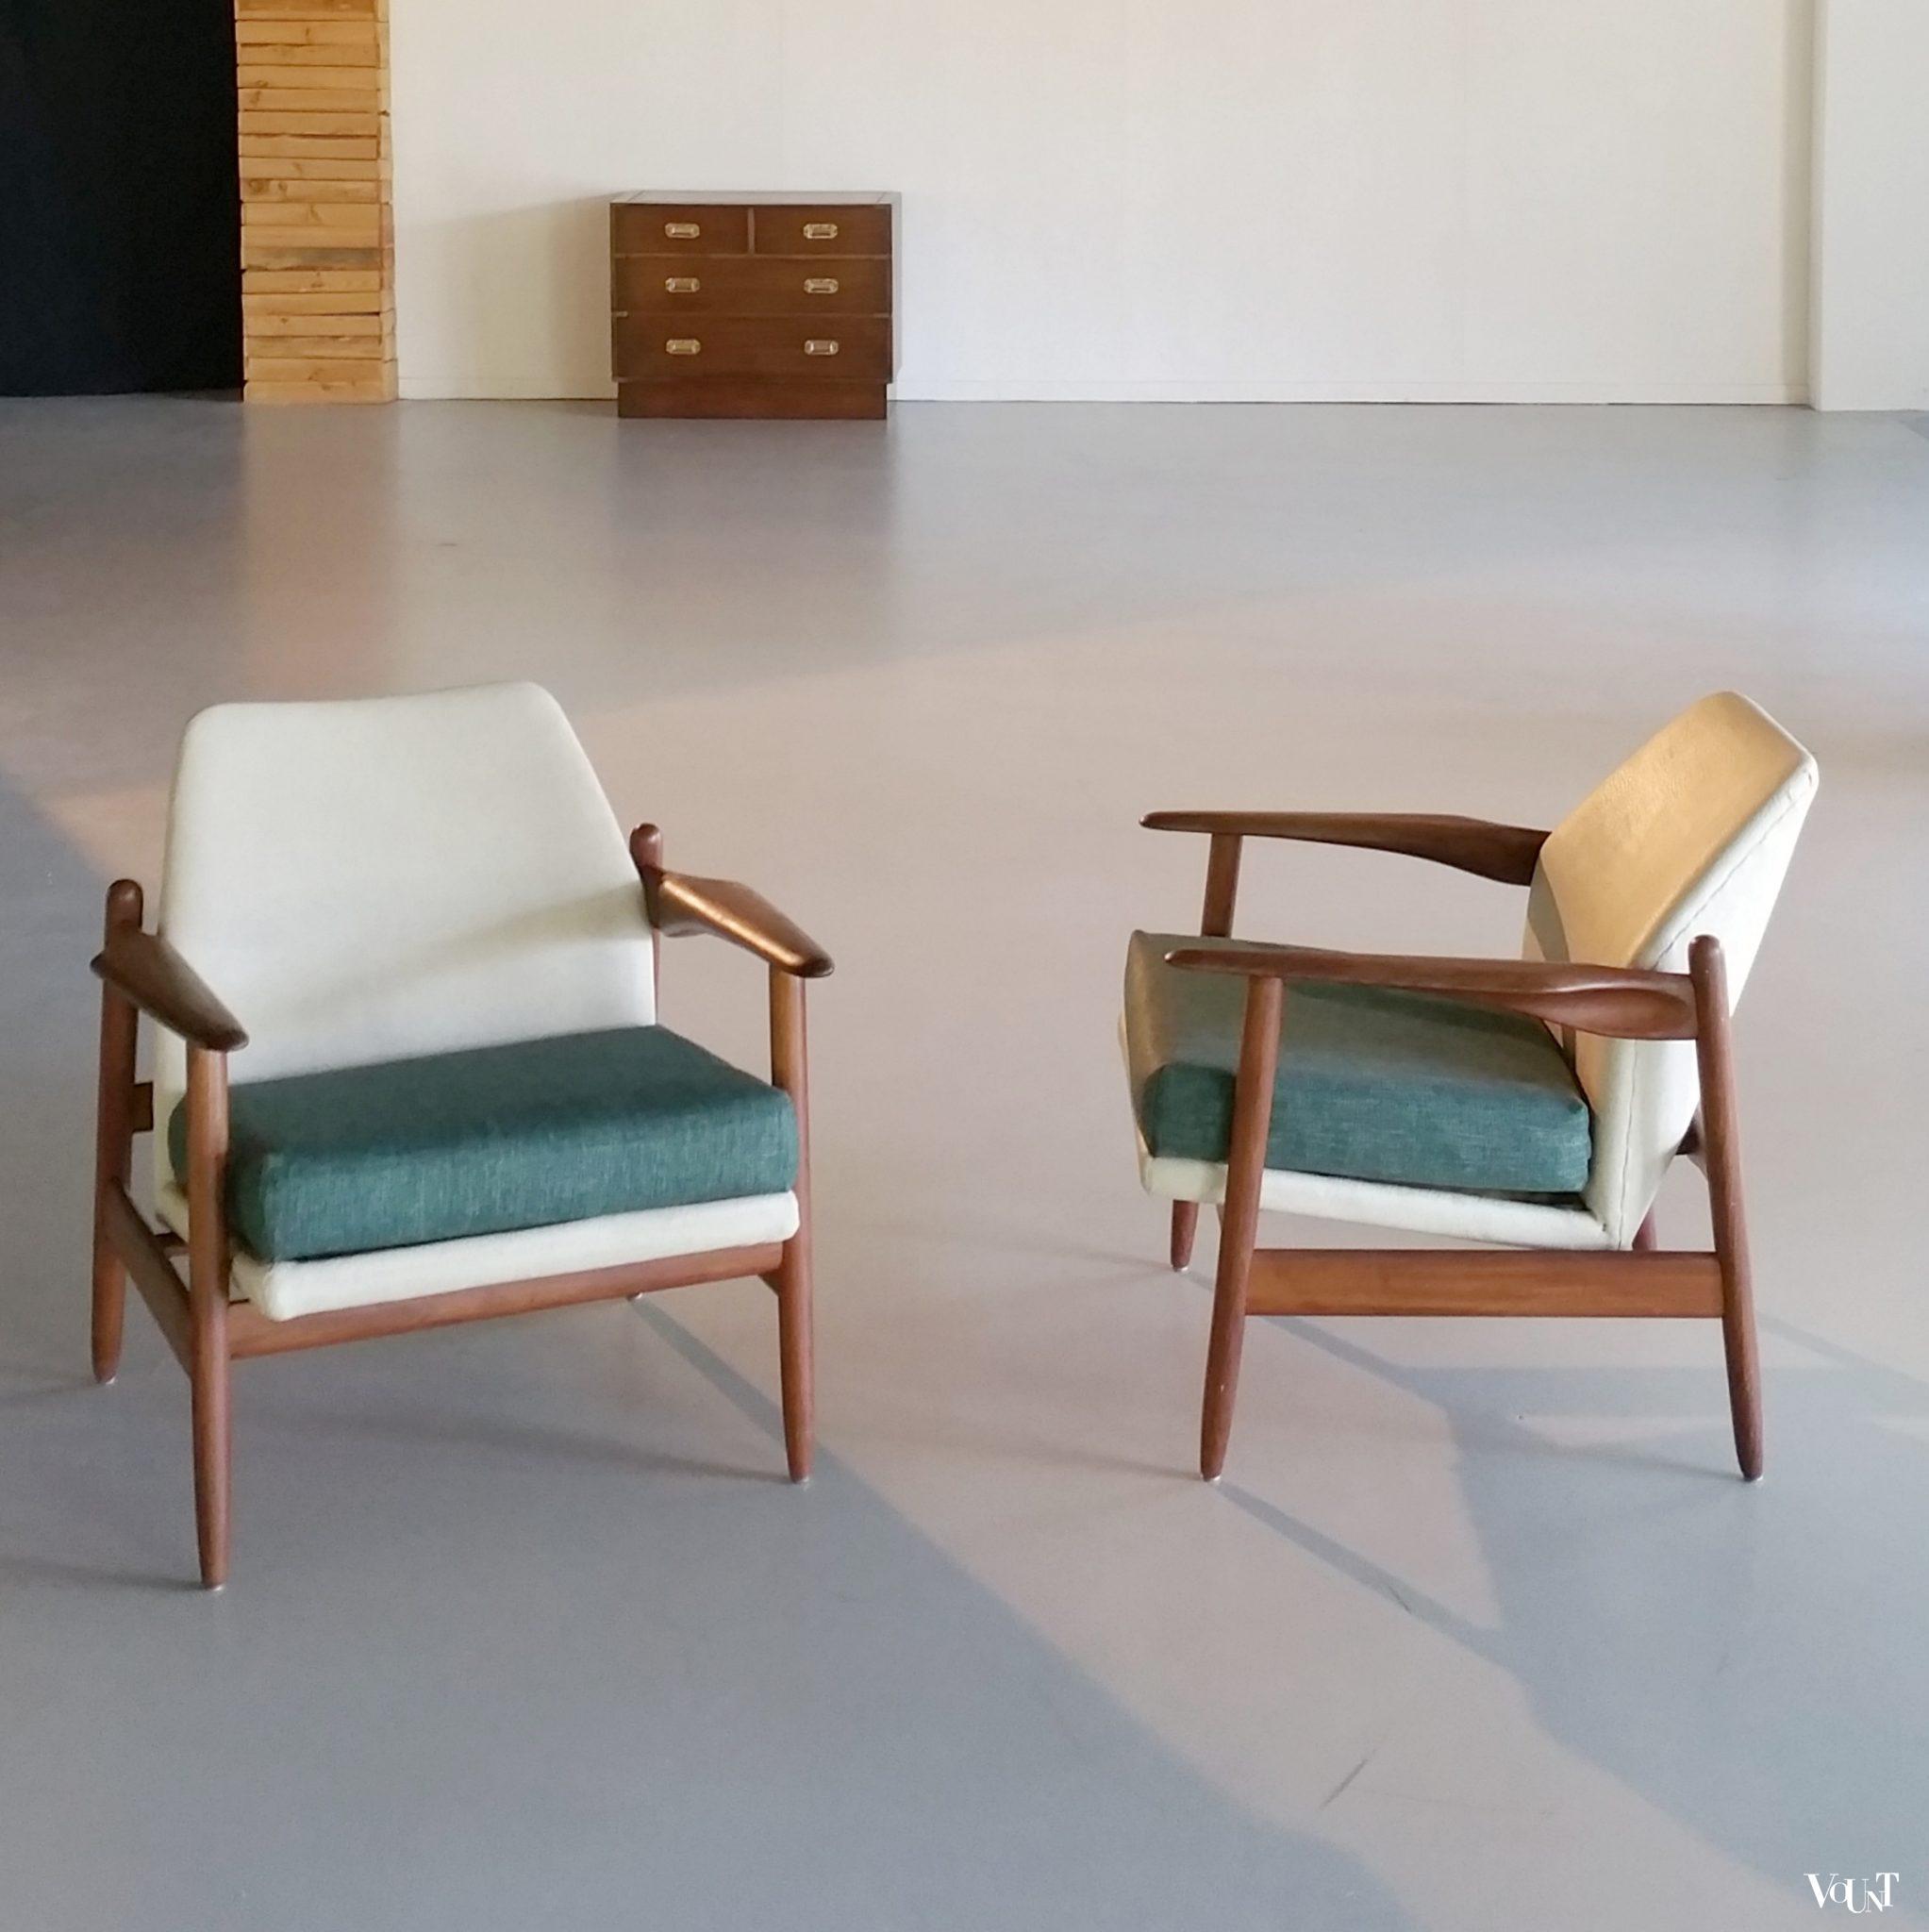 Wonderbaarlijk Set van 2 Propos teakhouten fauteuils, jaren '60 BO-27